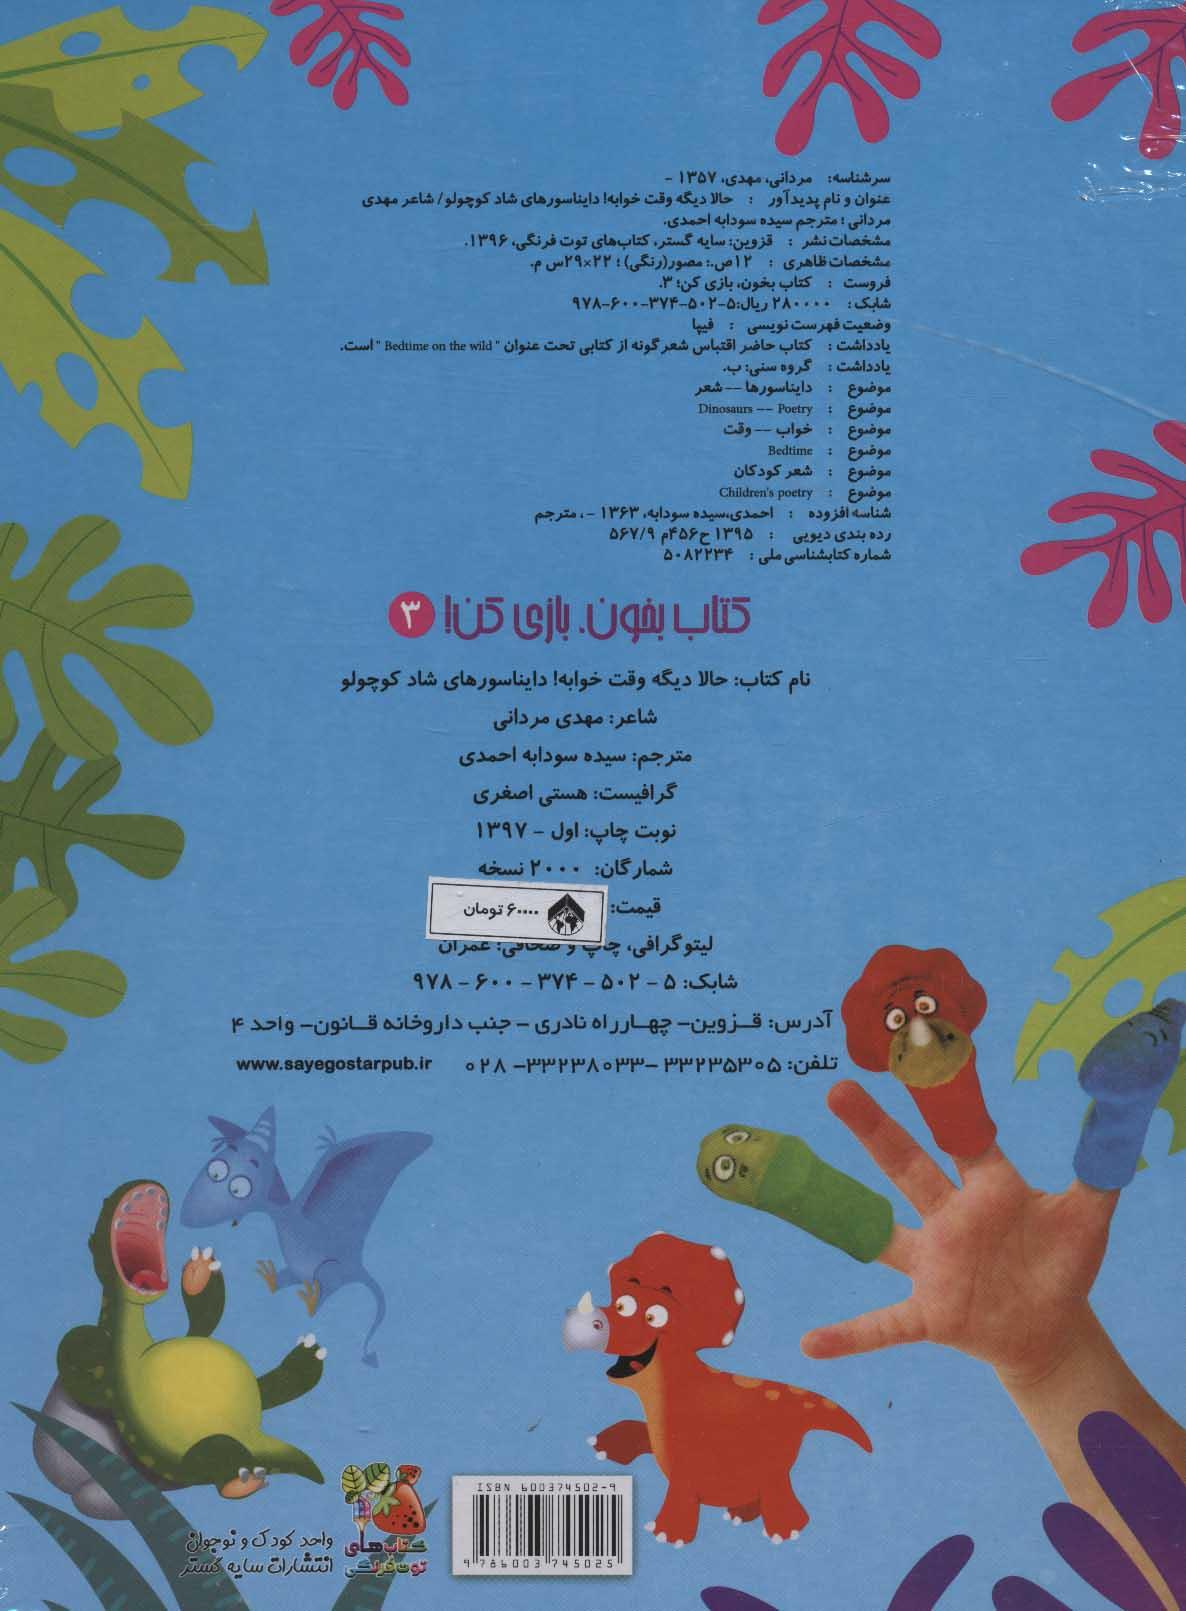 کتاب بخون،بازی کن! 3 (دایناسورهای شاد کوچولو)،همراه با عروسک های انگشتی